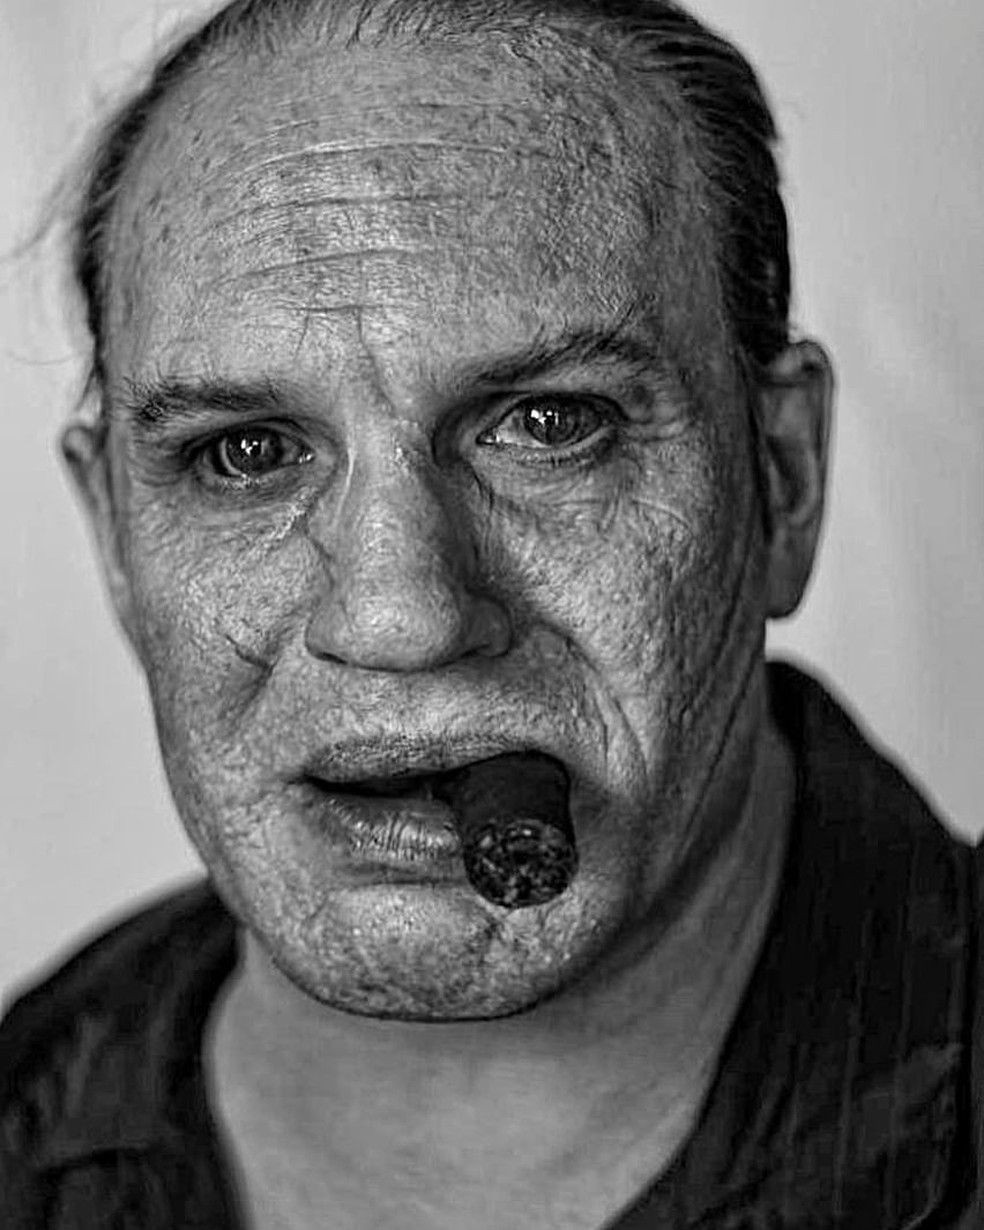 Fotógrafo mostra imagem de Tom Hardy como Al Capone e transformação surpreende  — Foto: Reprodução/Instagram